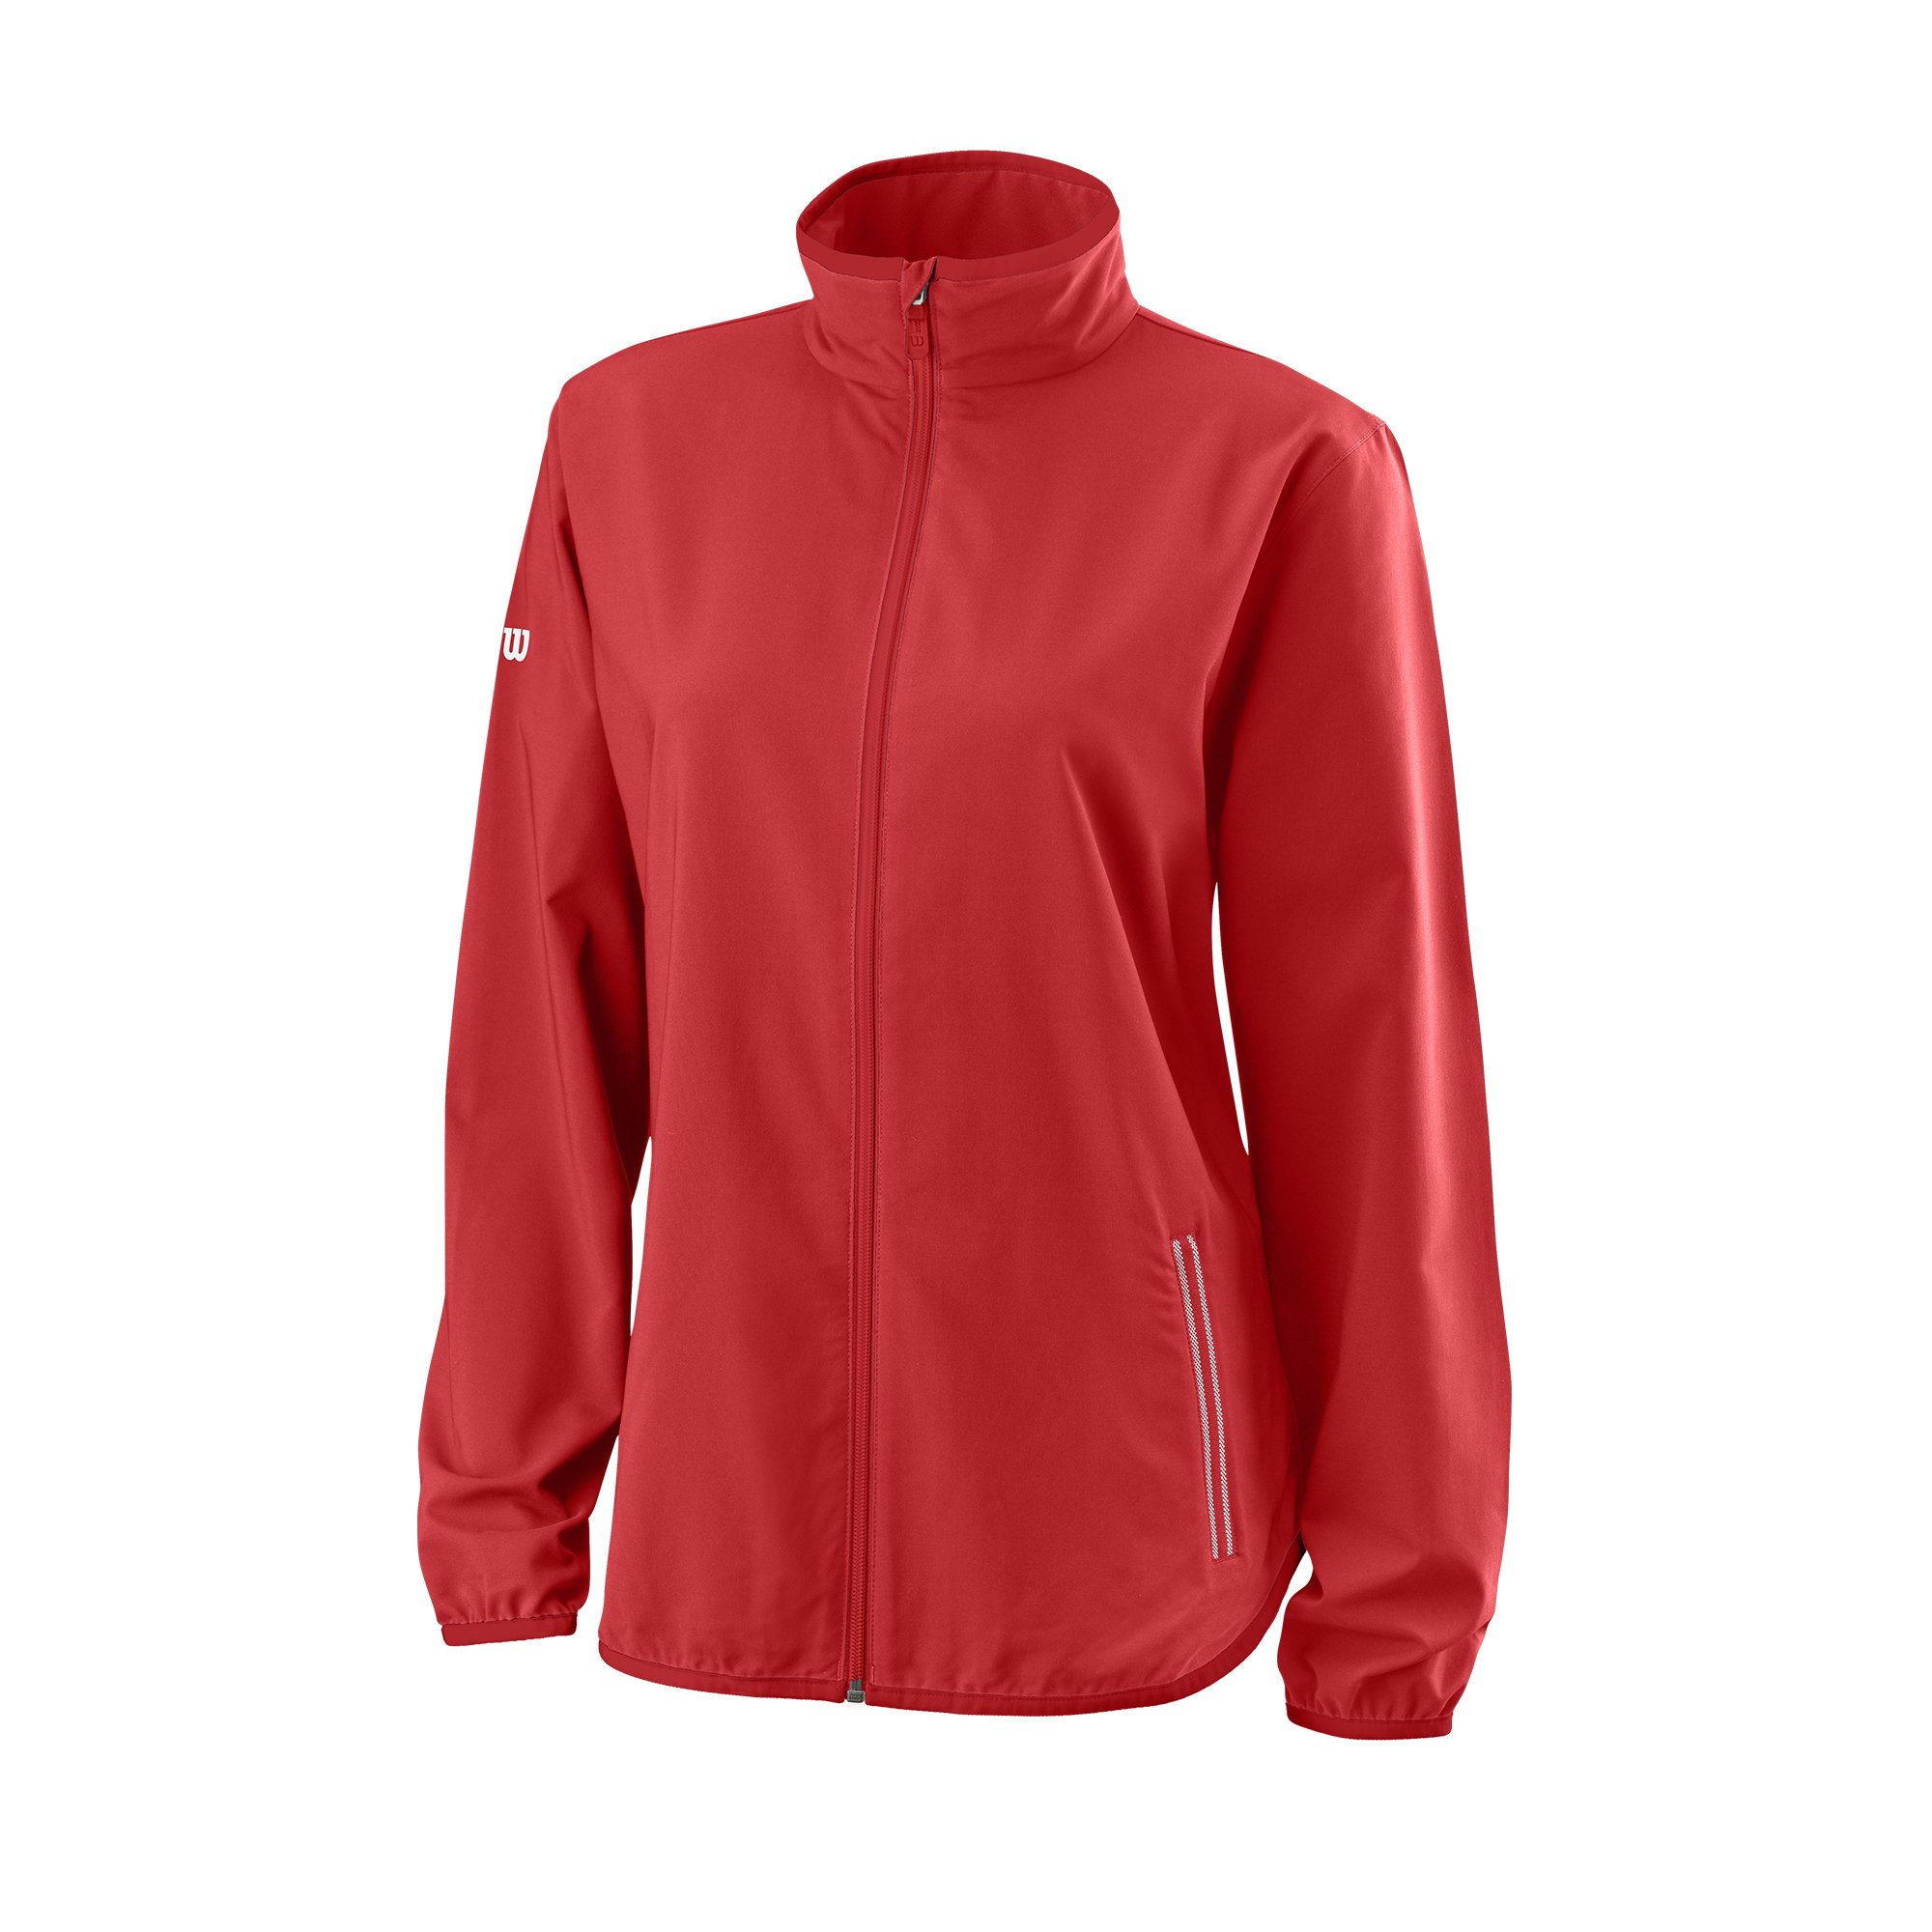 Wilson Damen Trainingsjacke, W Team Woven Jacket, Polyester, Rot/Weiß, Größe: